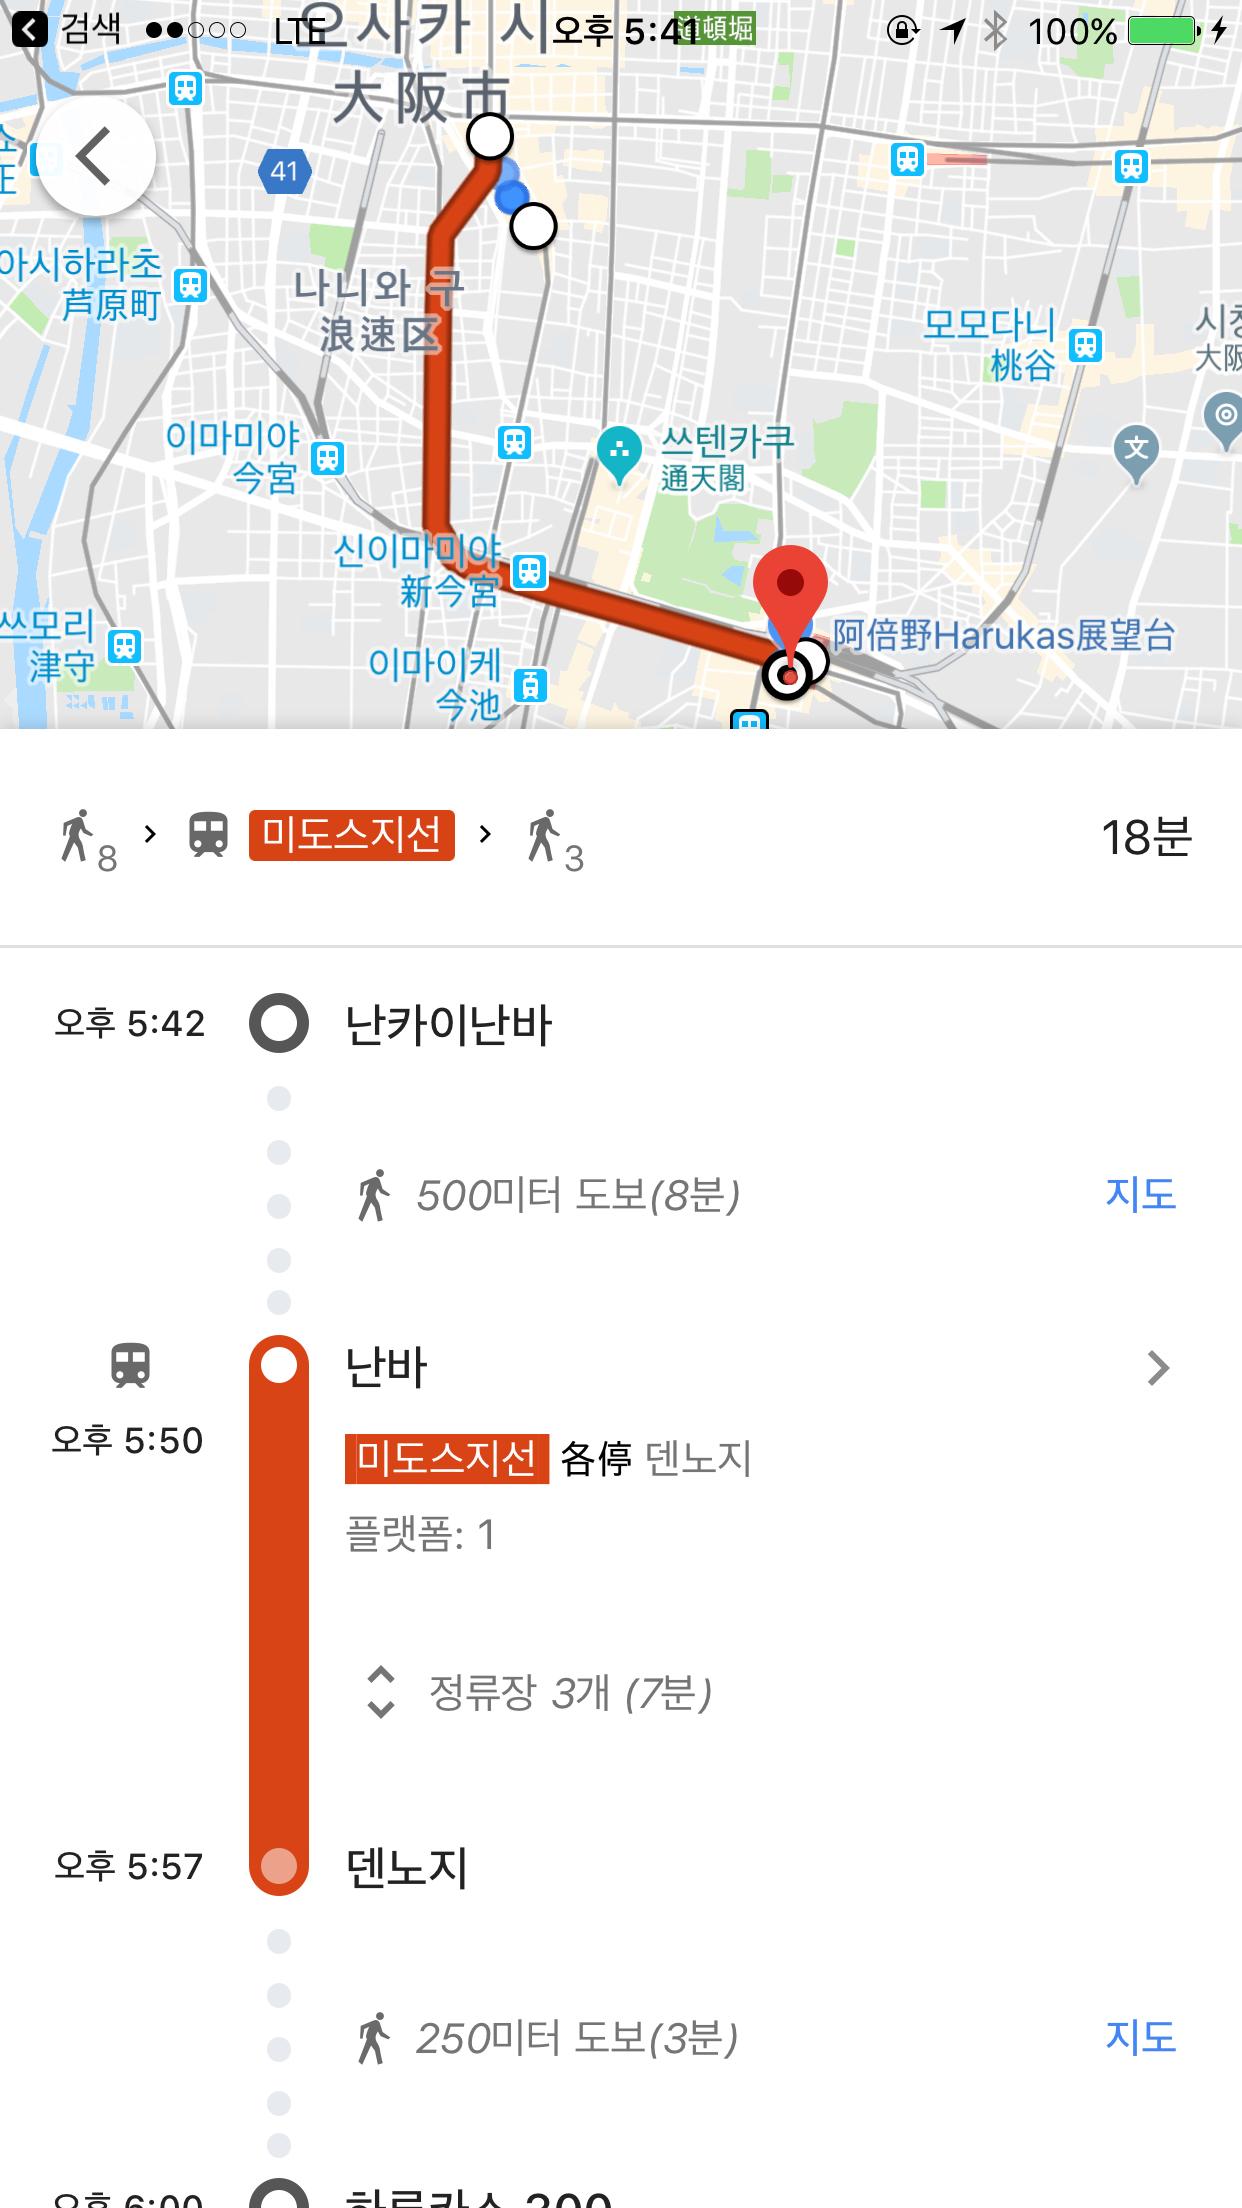 무계획이 계획인 오사카 여행 첫째날 - 하루카스 300,..